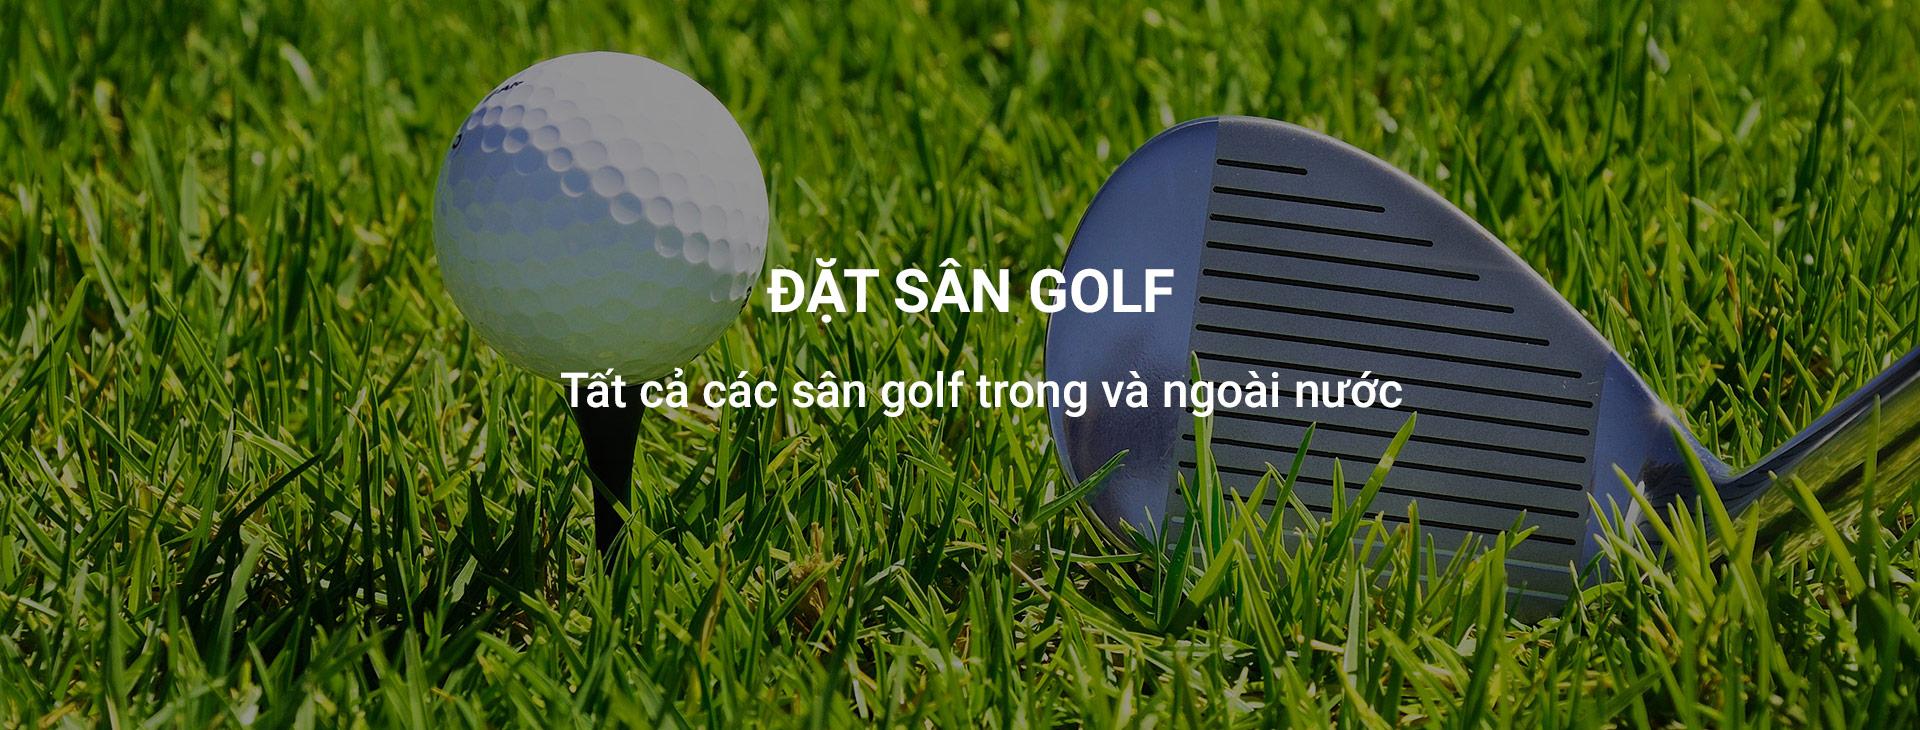 Đặt sân golf